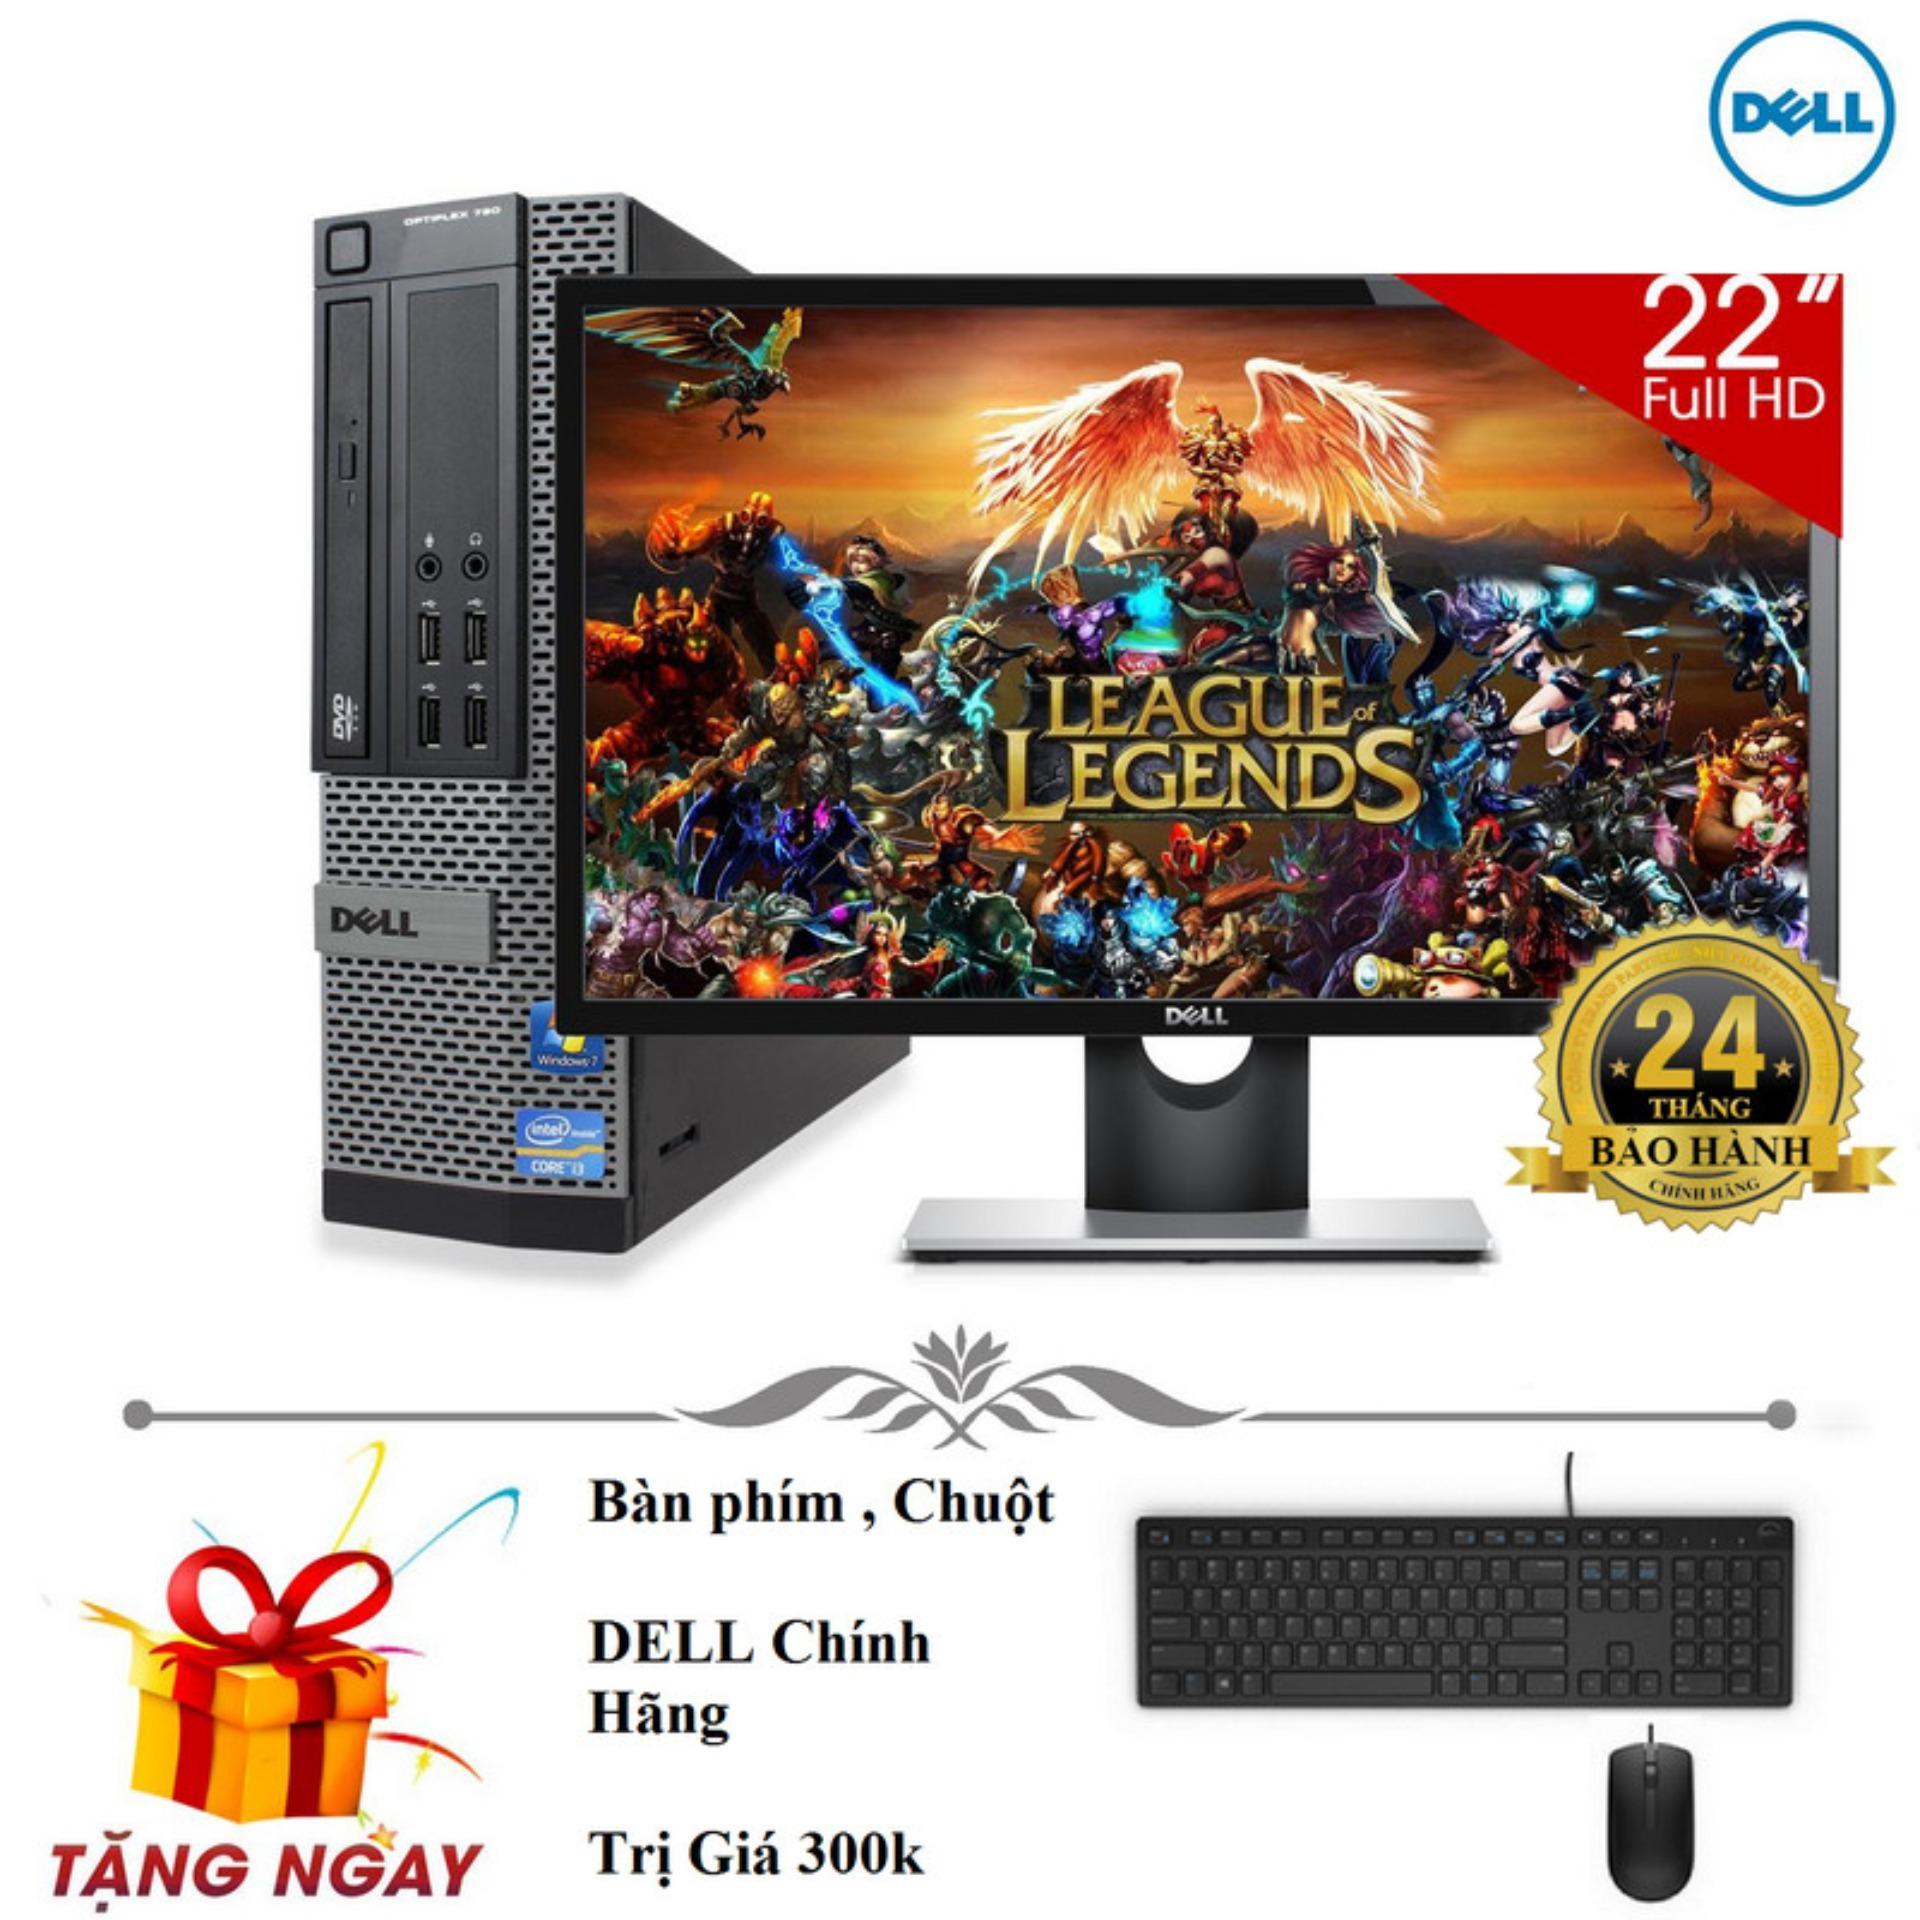 Bộ máy tính để bàn Dell Optiplex 9010 Core i5 3470, Ram 8gb, HDD 500gb Và Màn hình máy tính...